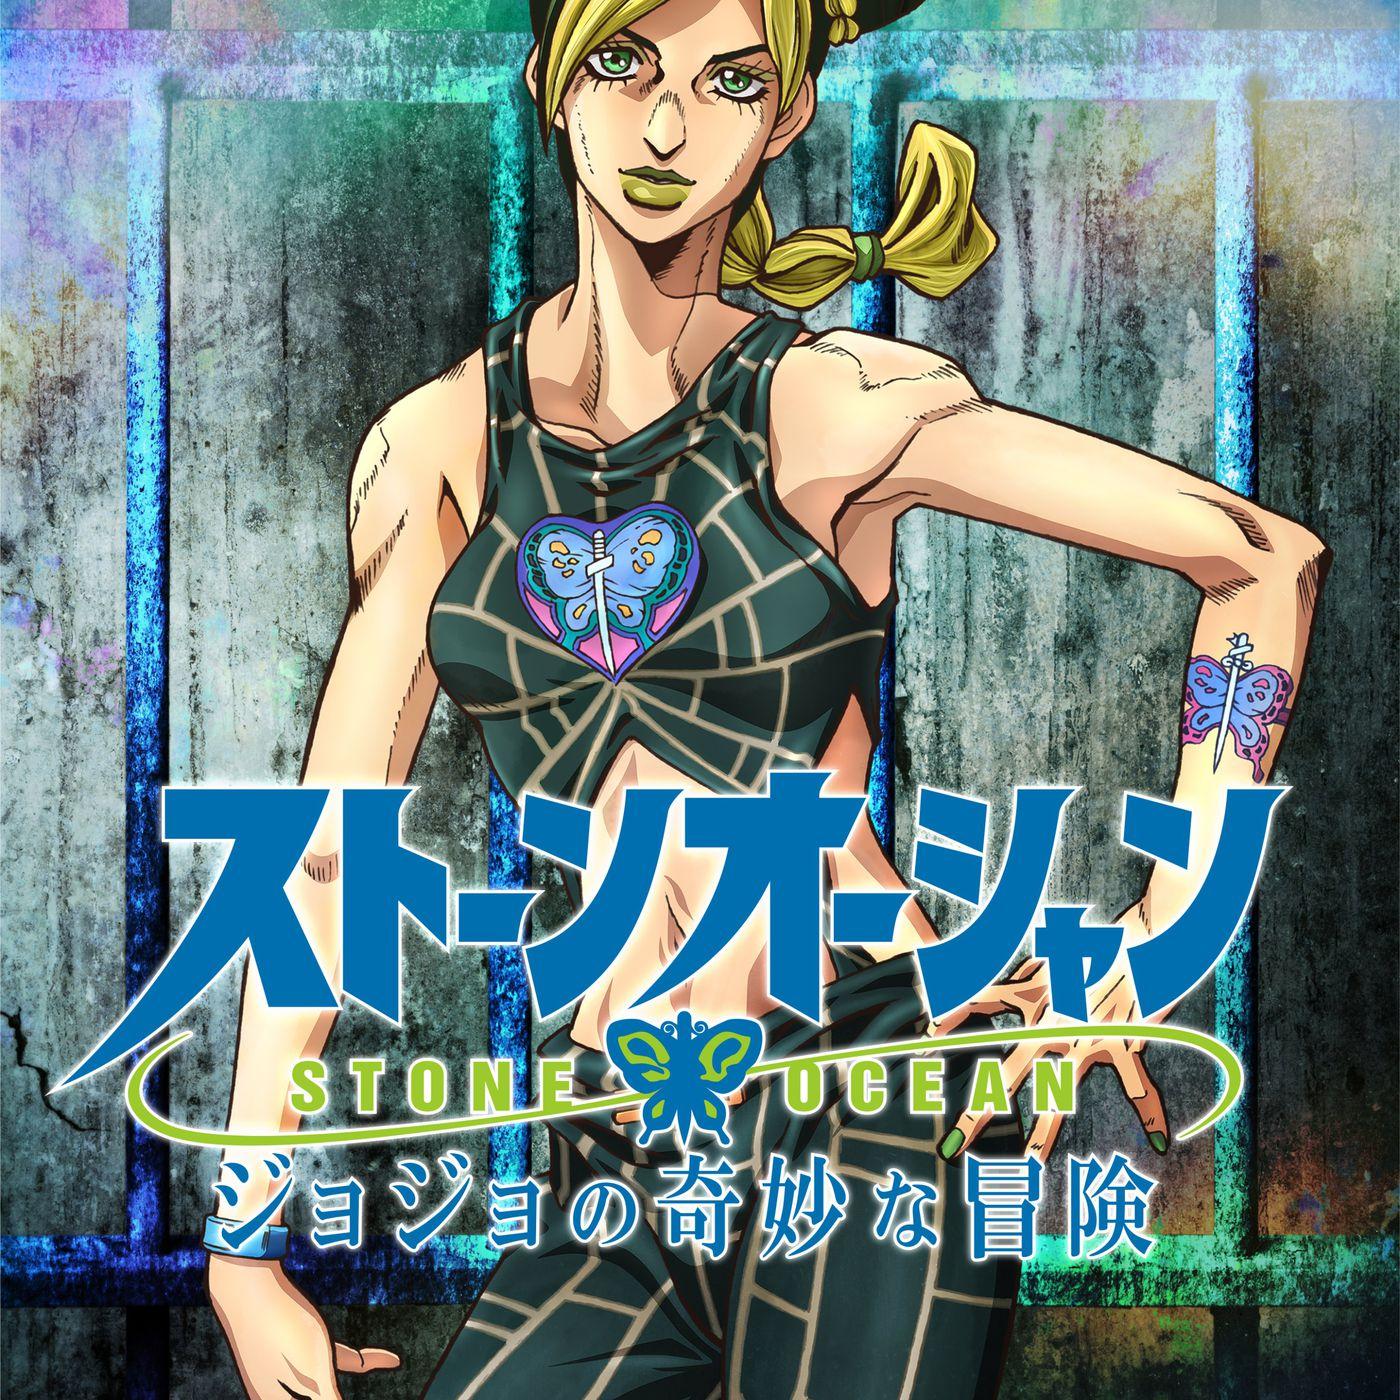 JoJo's Bizarre Adventure part 20 Stone Ocean is getting an anime ...